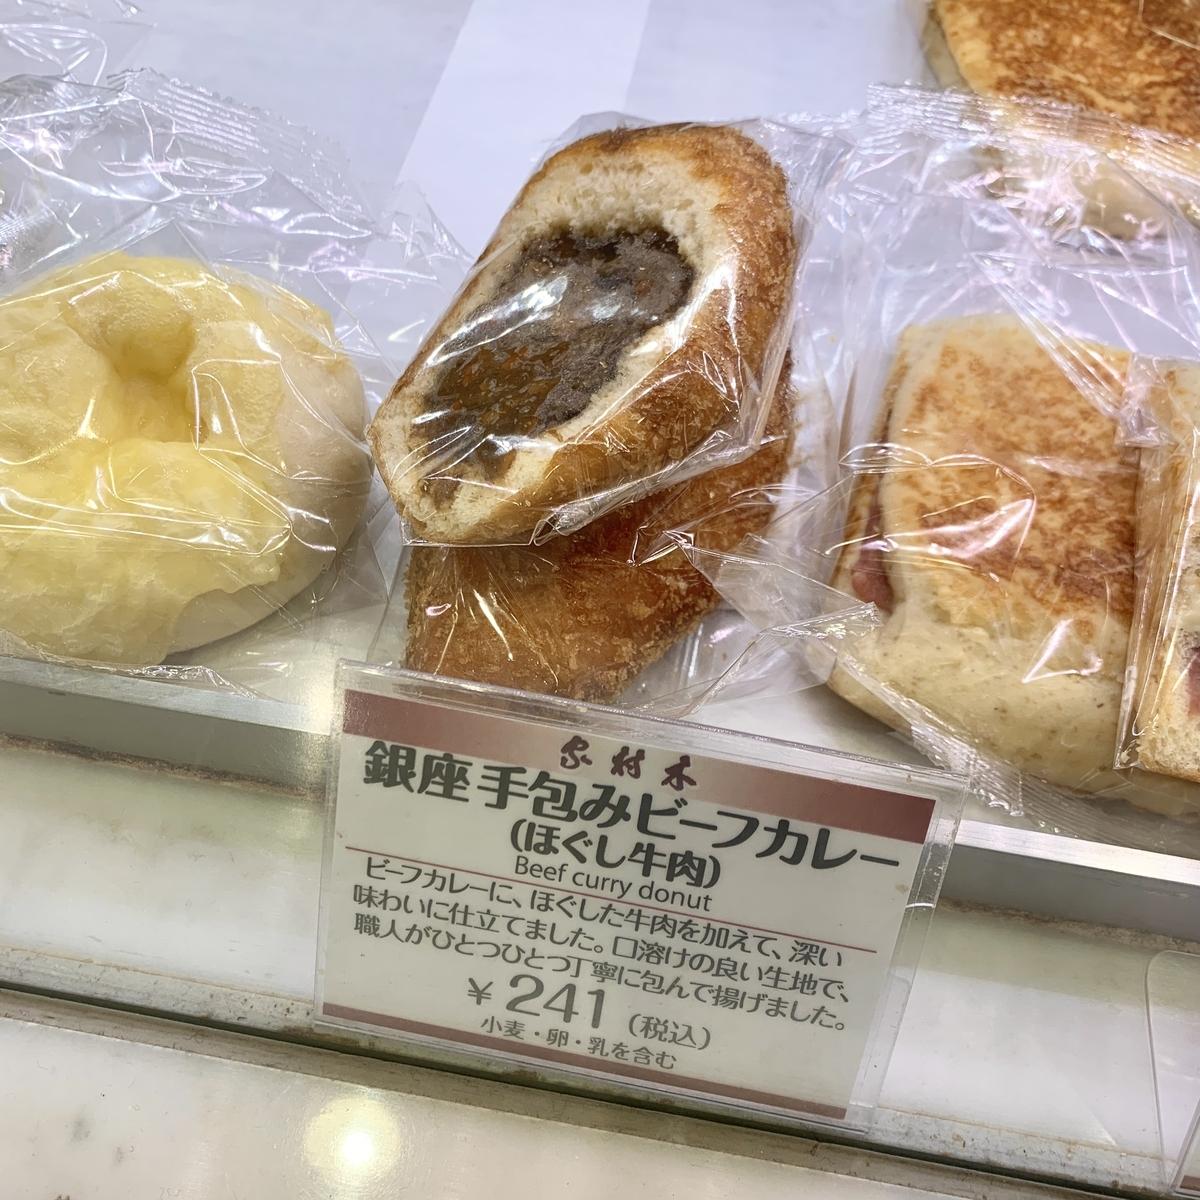 木村屋總本店の「銀座 手包みビーフカレー(ほぐし牛肉)」